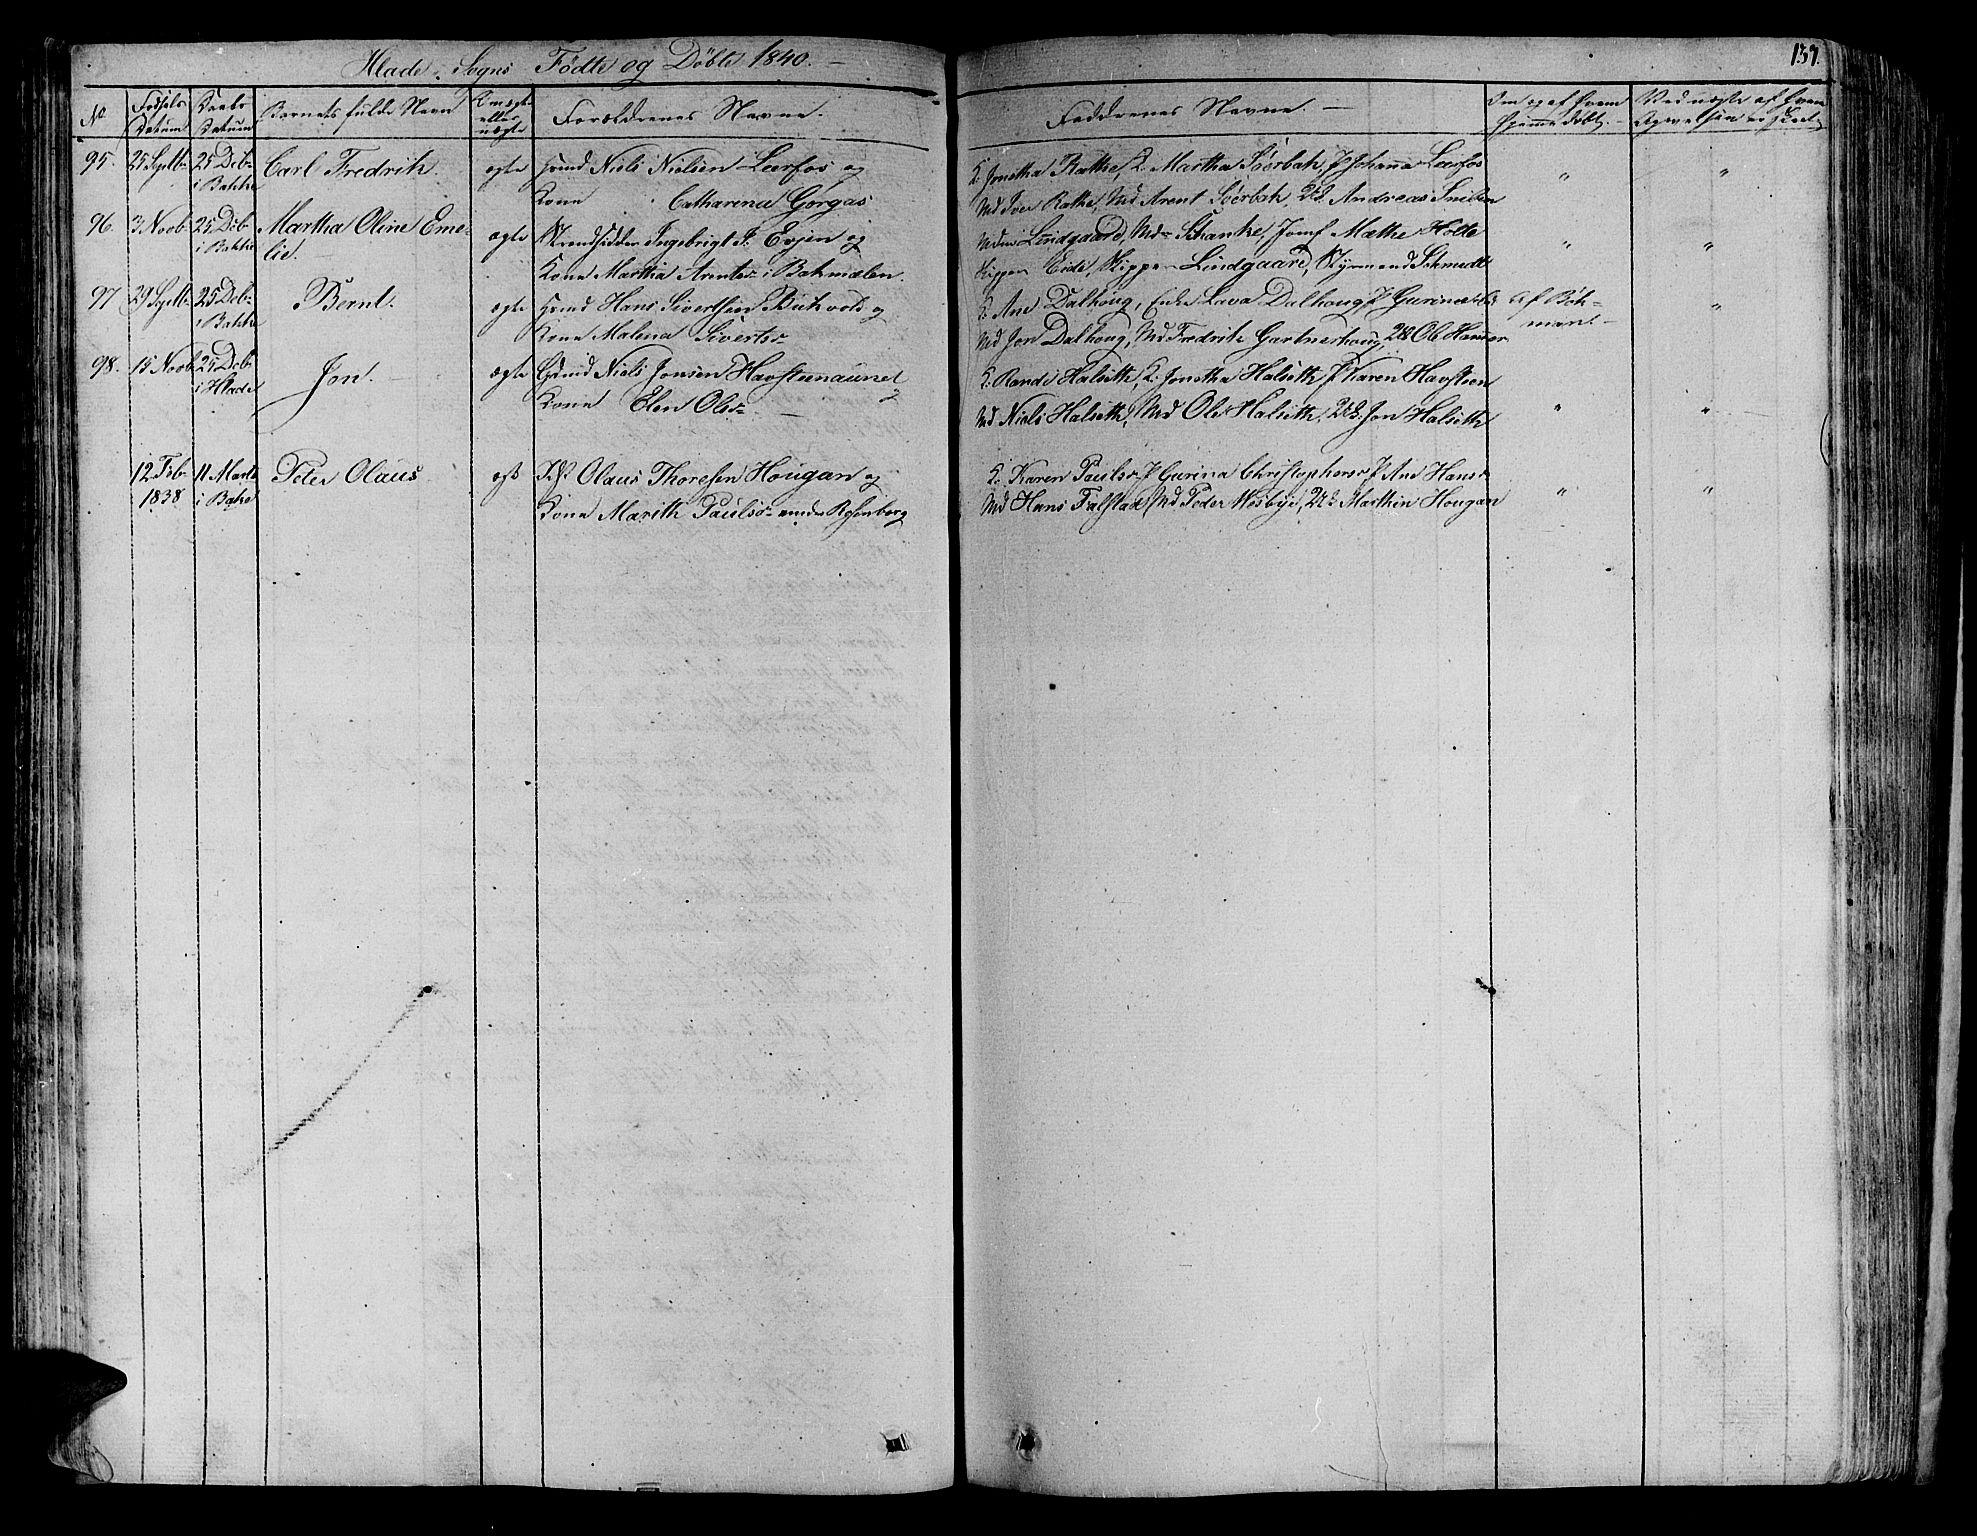 SAT, Ministerialprotokoller, klokkerbøker og fødselsregistre - Sør-Trøndelag, 606/L0286: Ministerialbok nr. 606A04 /1, 1823-1840, s. 137